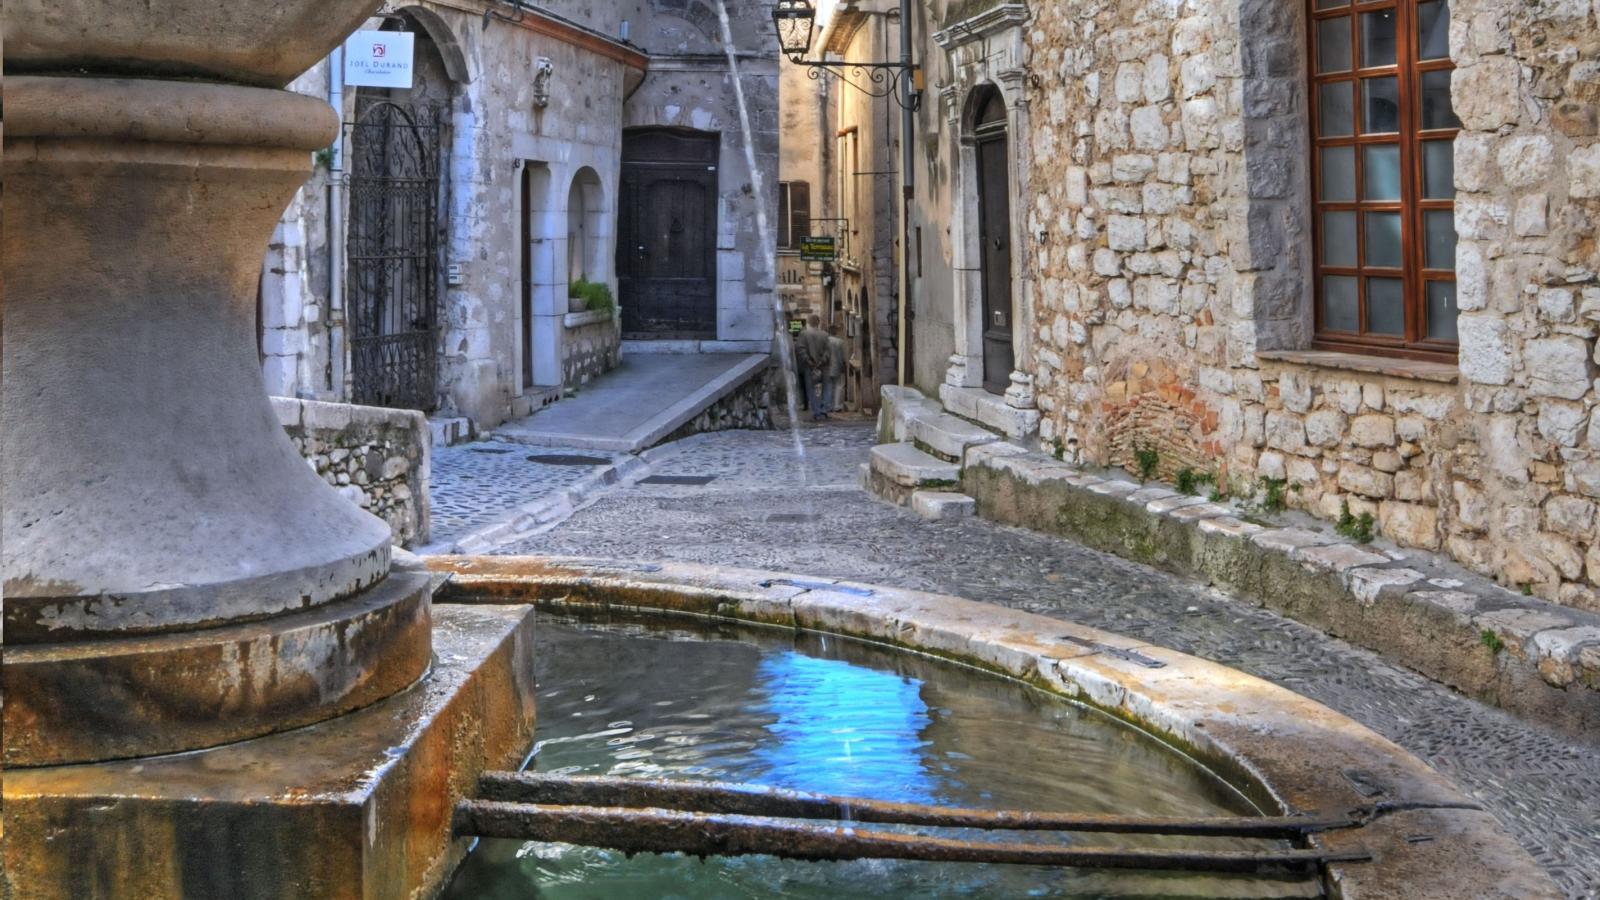 Of precious stones and water saint paul de vence - Saint paul de vence office du tourisme ...